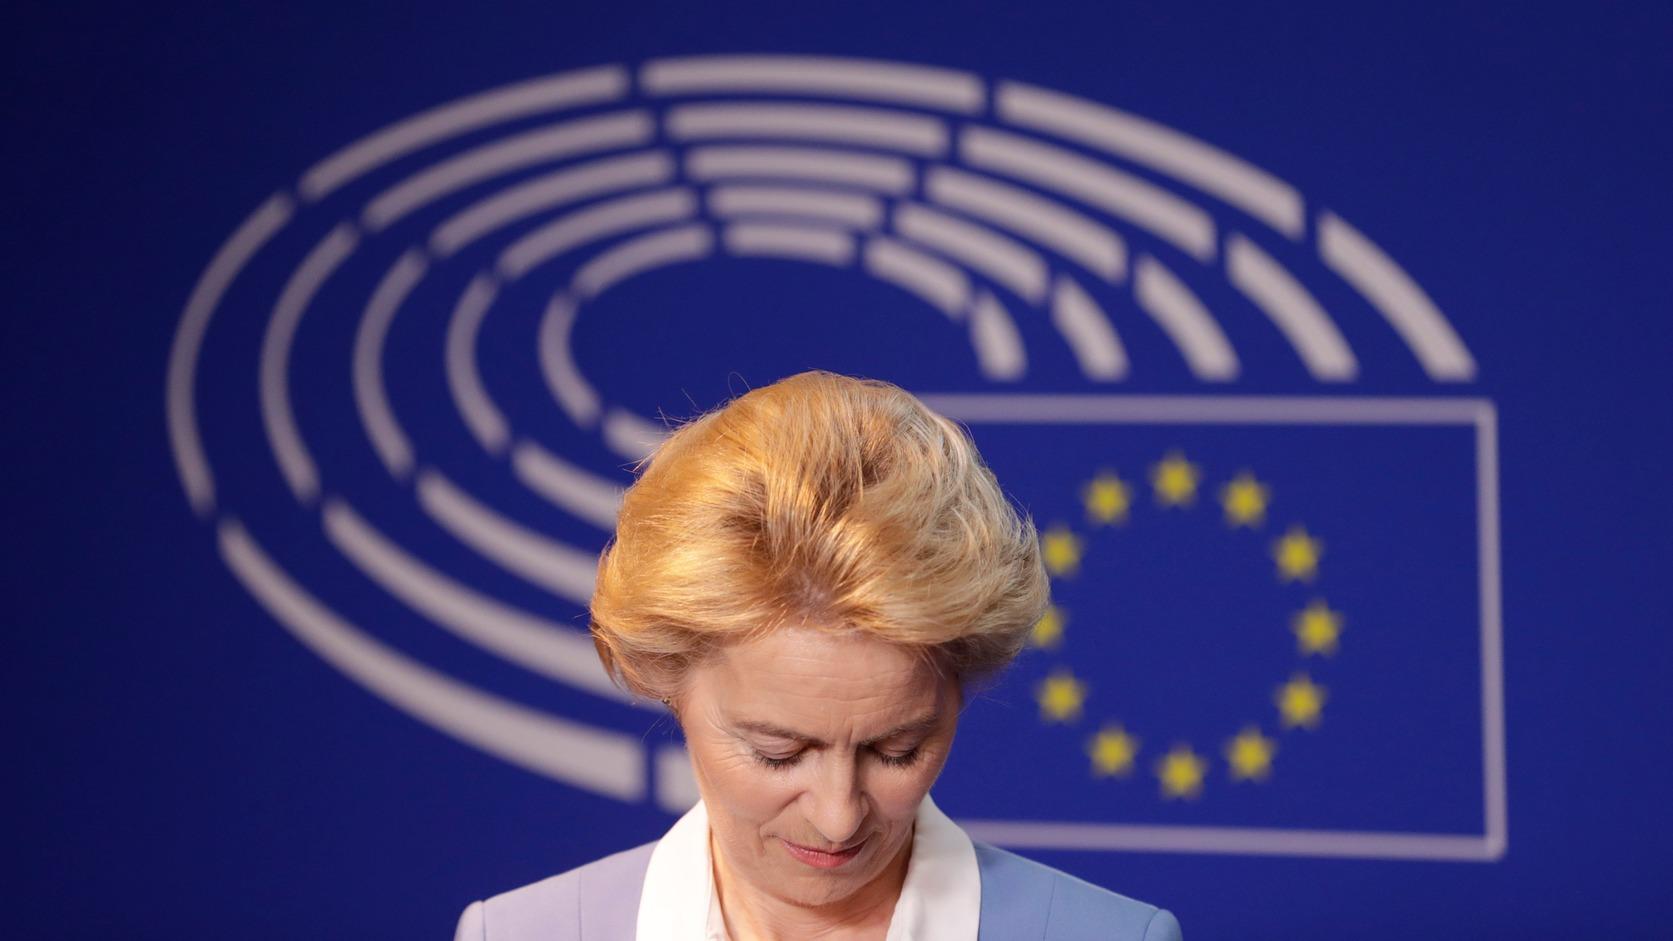 Brüsszel, 2019. július 10. Az Európai Bizottság élére jelölt Ursula von der Leyen német védelmi miniszter sajtóértekezletet tart az EP brüsszeli épületében 2019. július 10-én, miután találkozott a képviselőtestület házbizottságaként működő, Elnökök Konferenciájának tagjaival. MTI/EPA/Olivier Hoslet